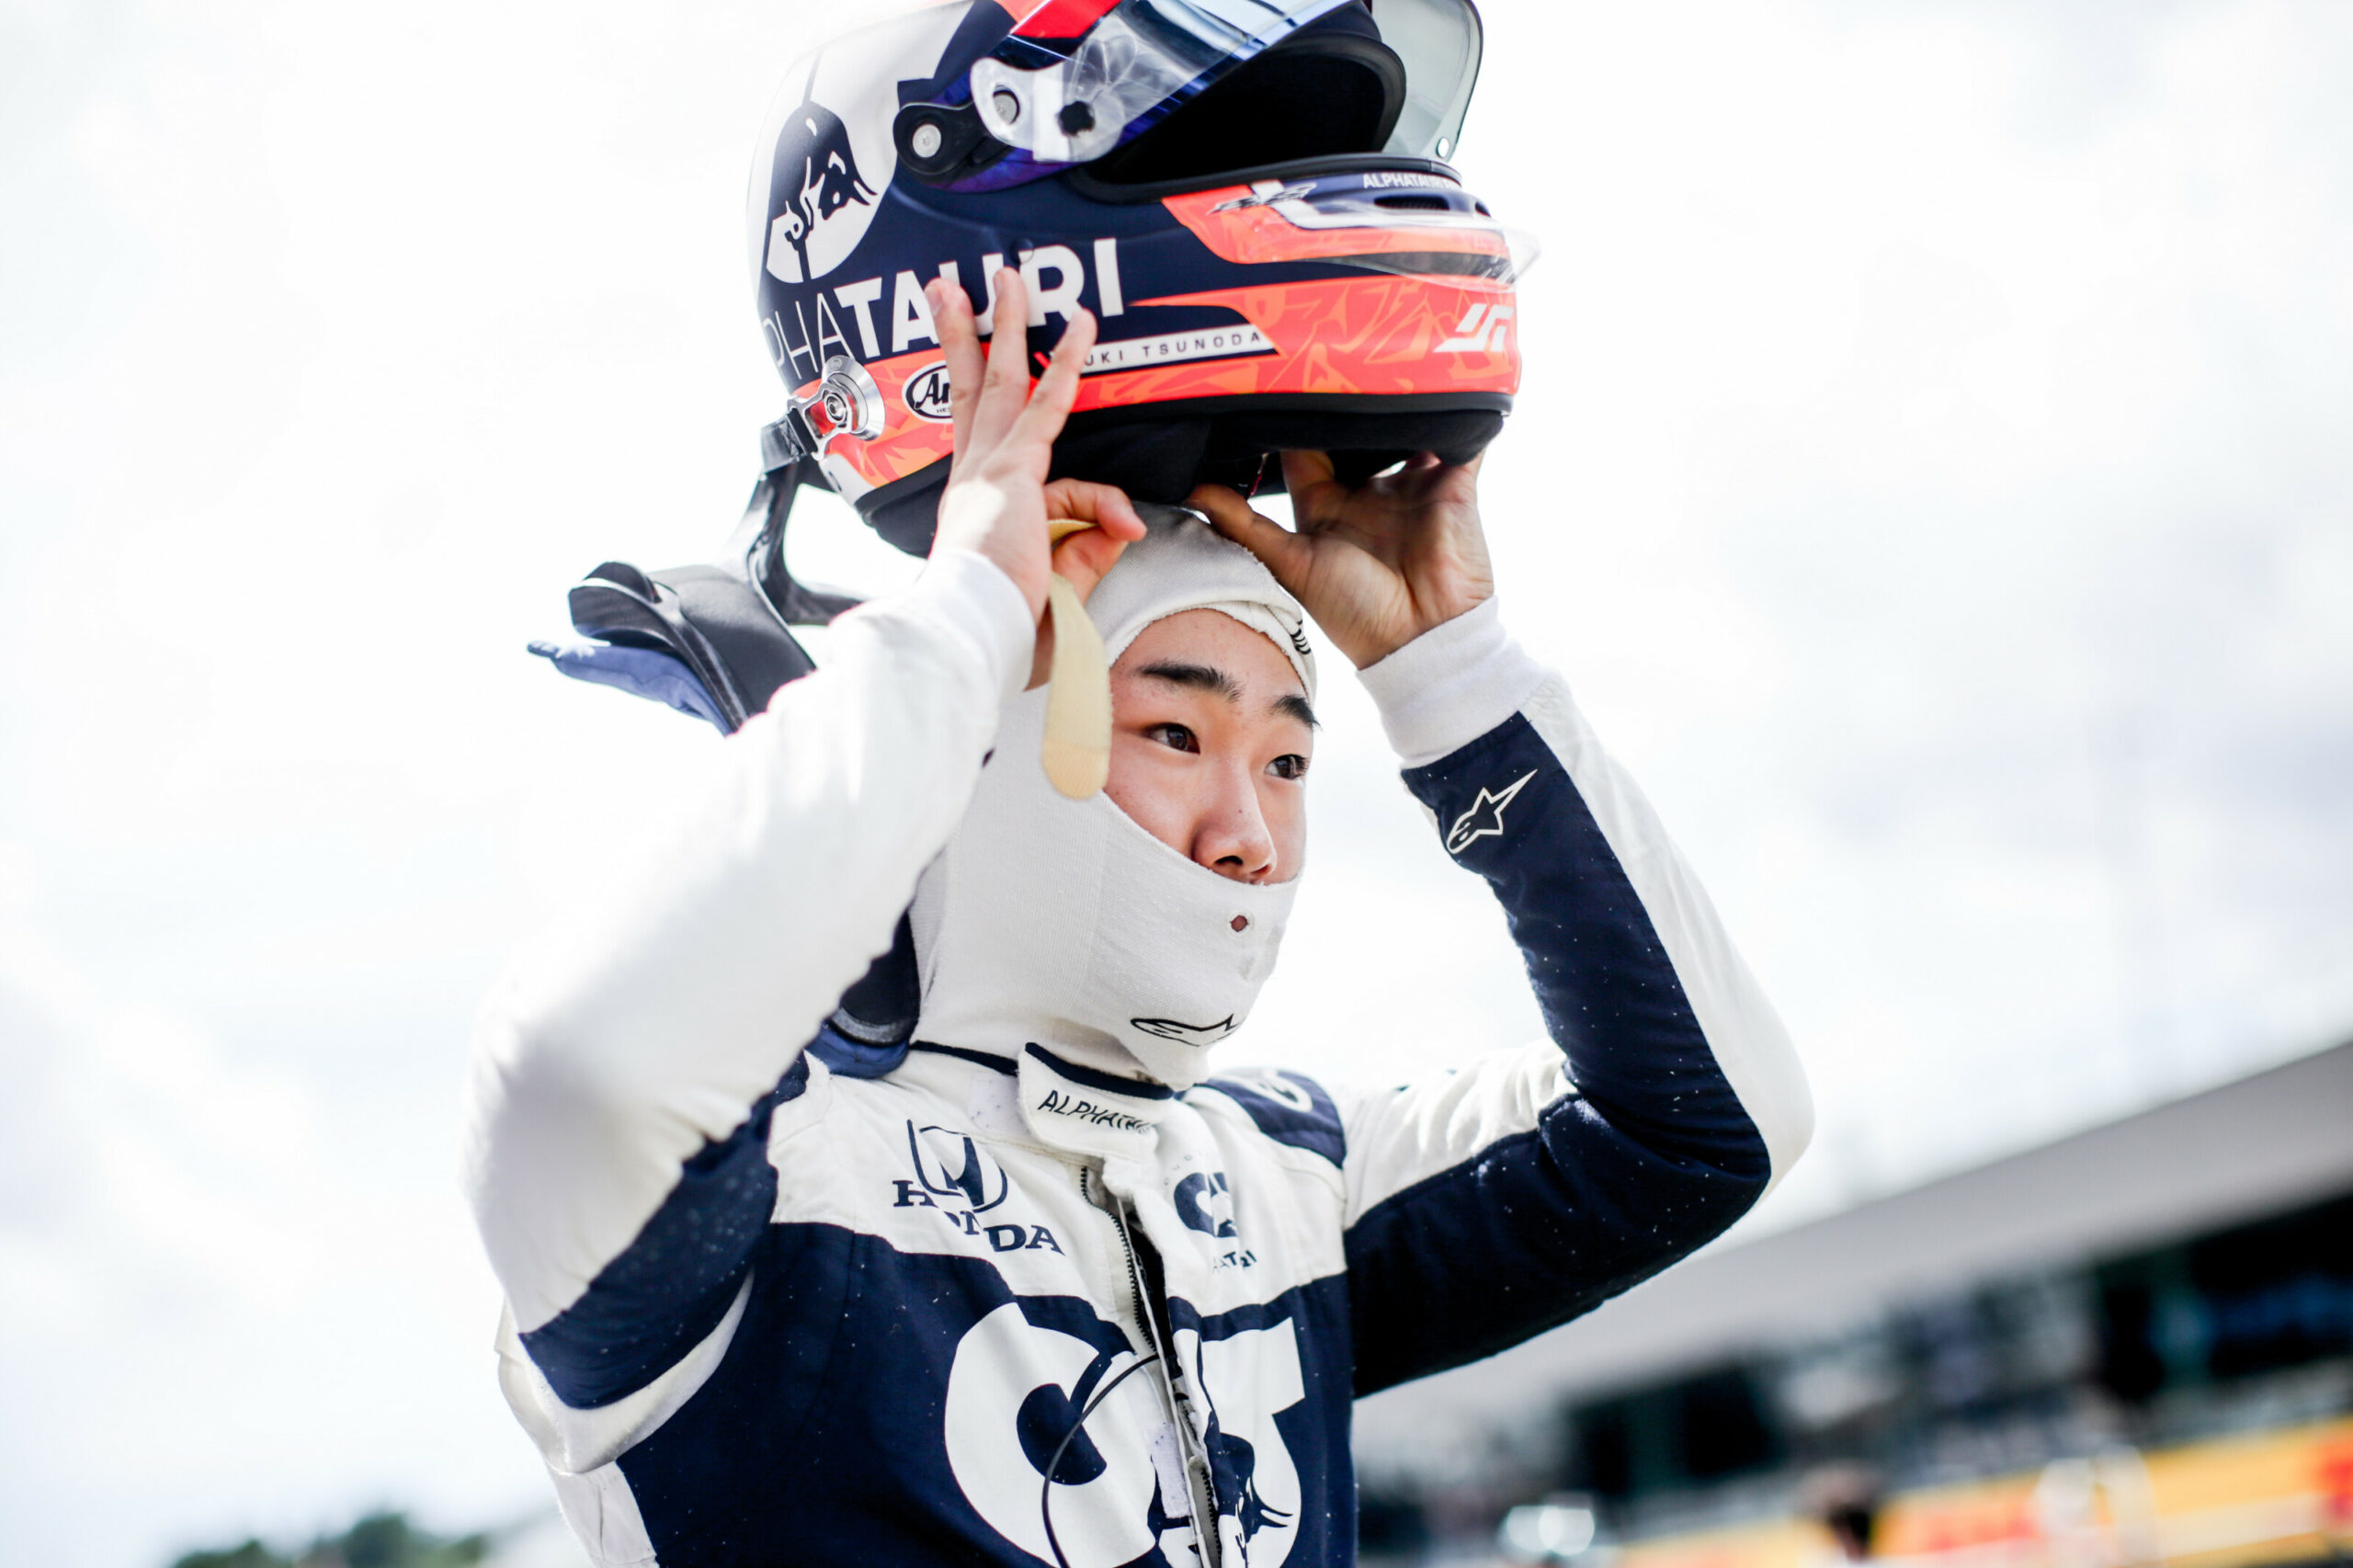 F1 - Tsunoda veut absolument régler les problèmes de communication radio